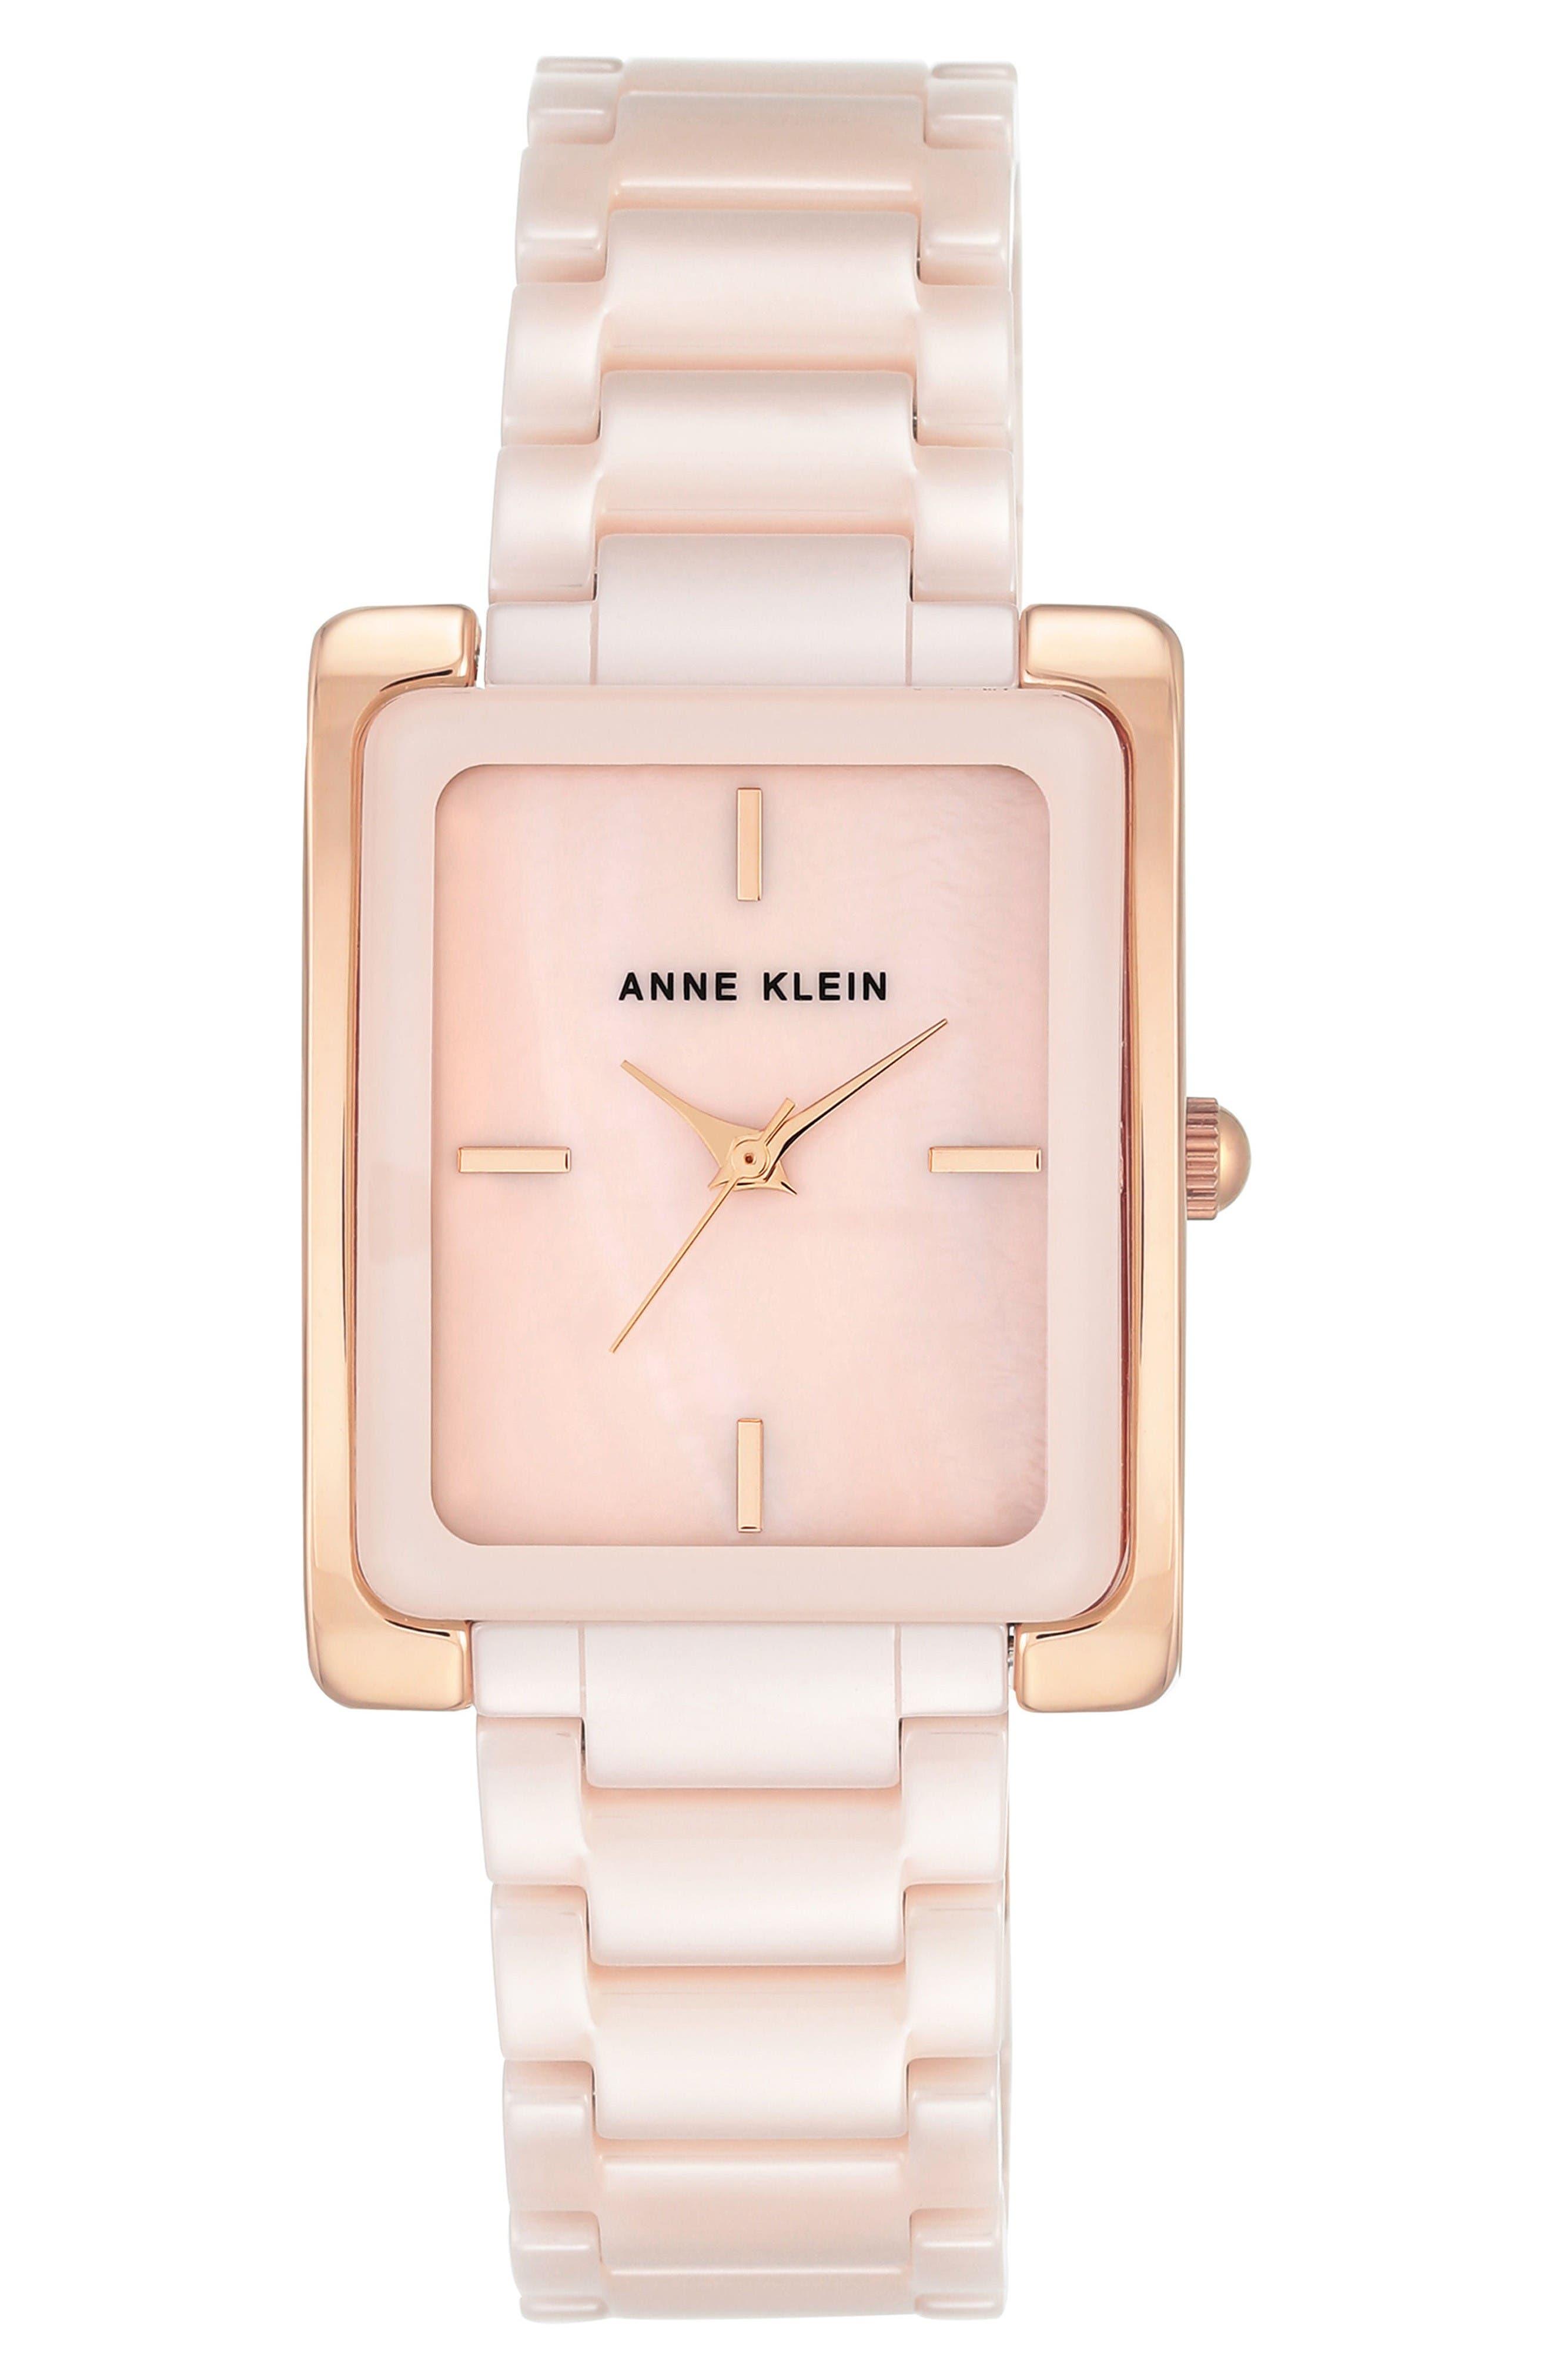 Anne Klein Watches for Women | Nordstrom